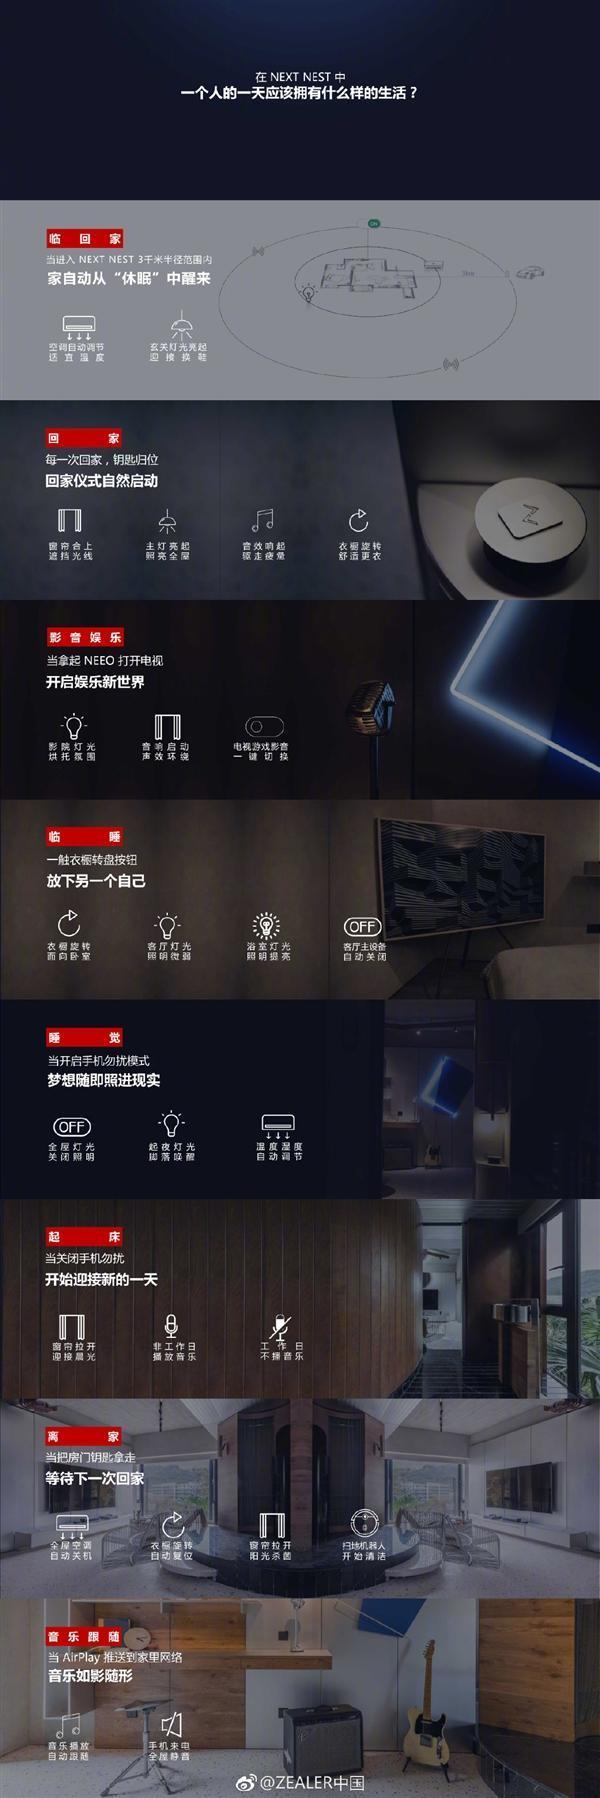 王自如发布智能家居系统NEXT NEST的照片 - 6